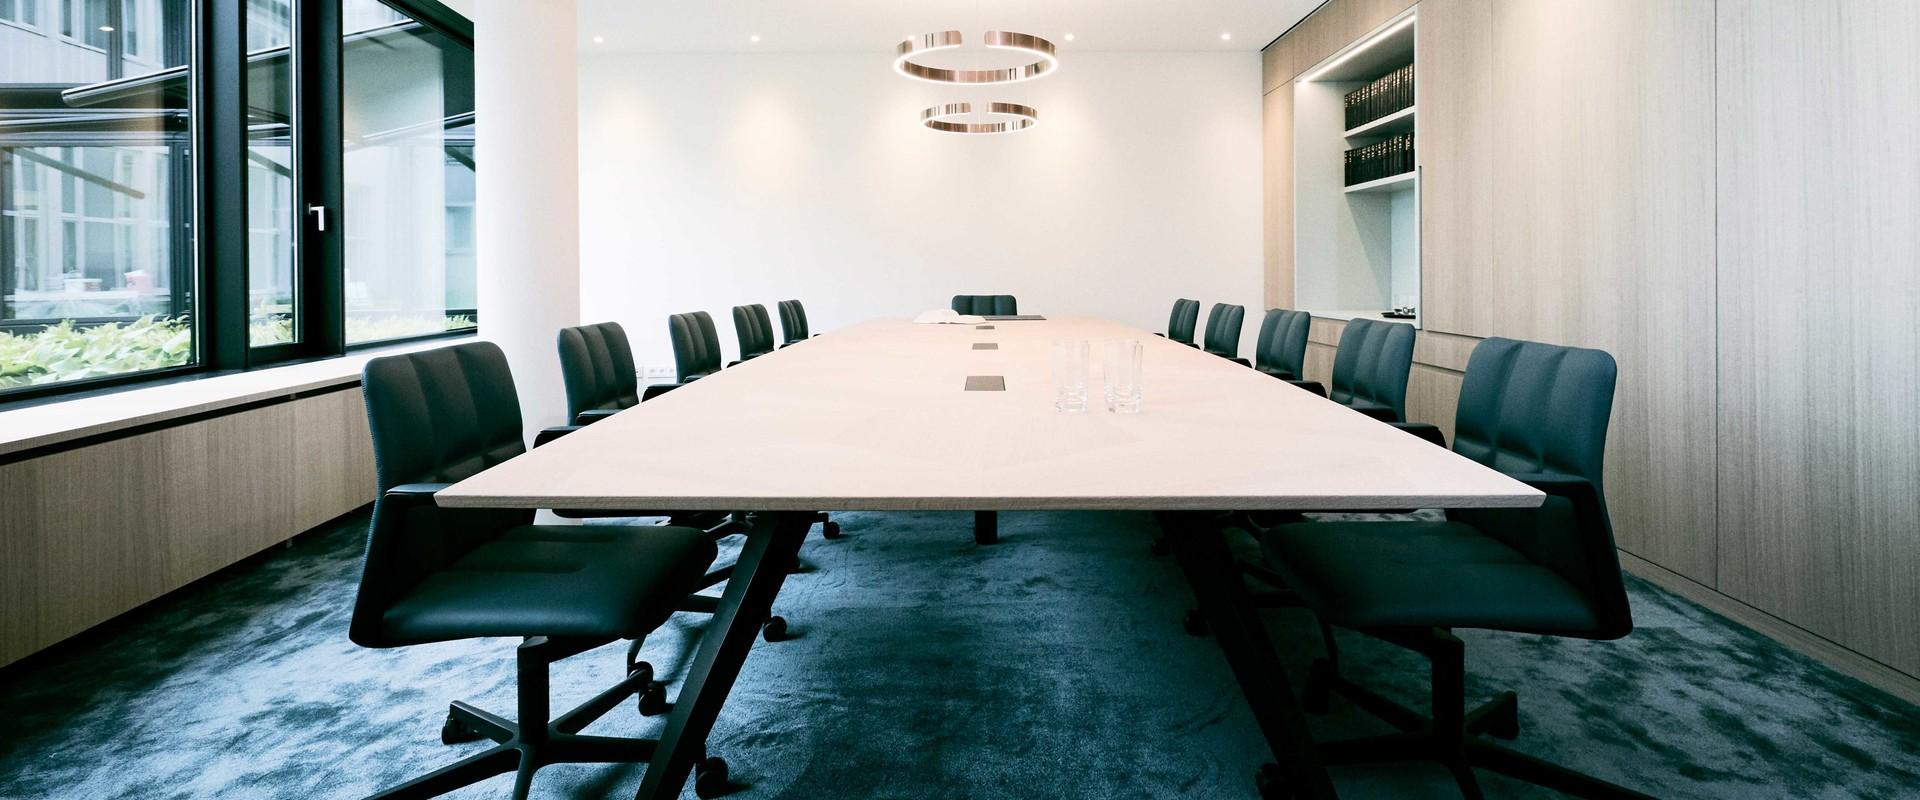 Bild zeigt einen großzügigen Konferenztisch in einem modernen Raum